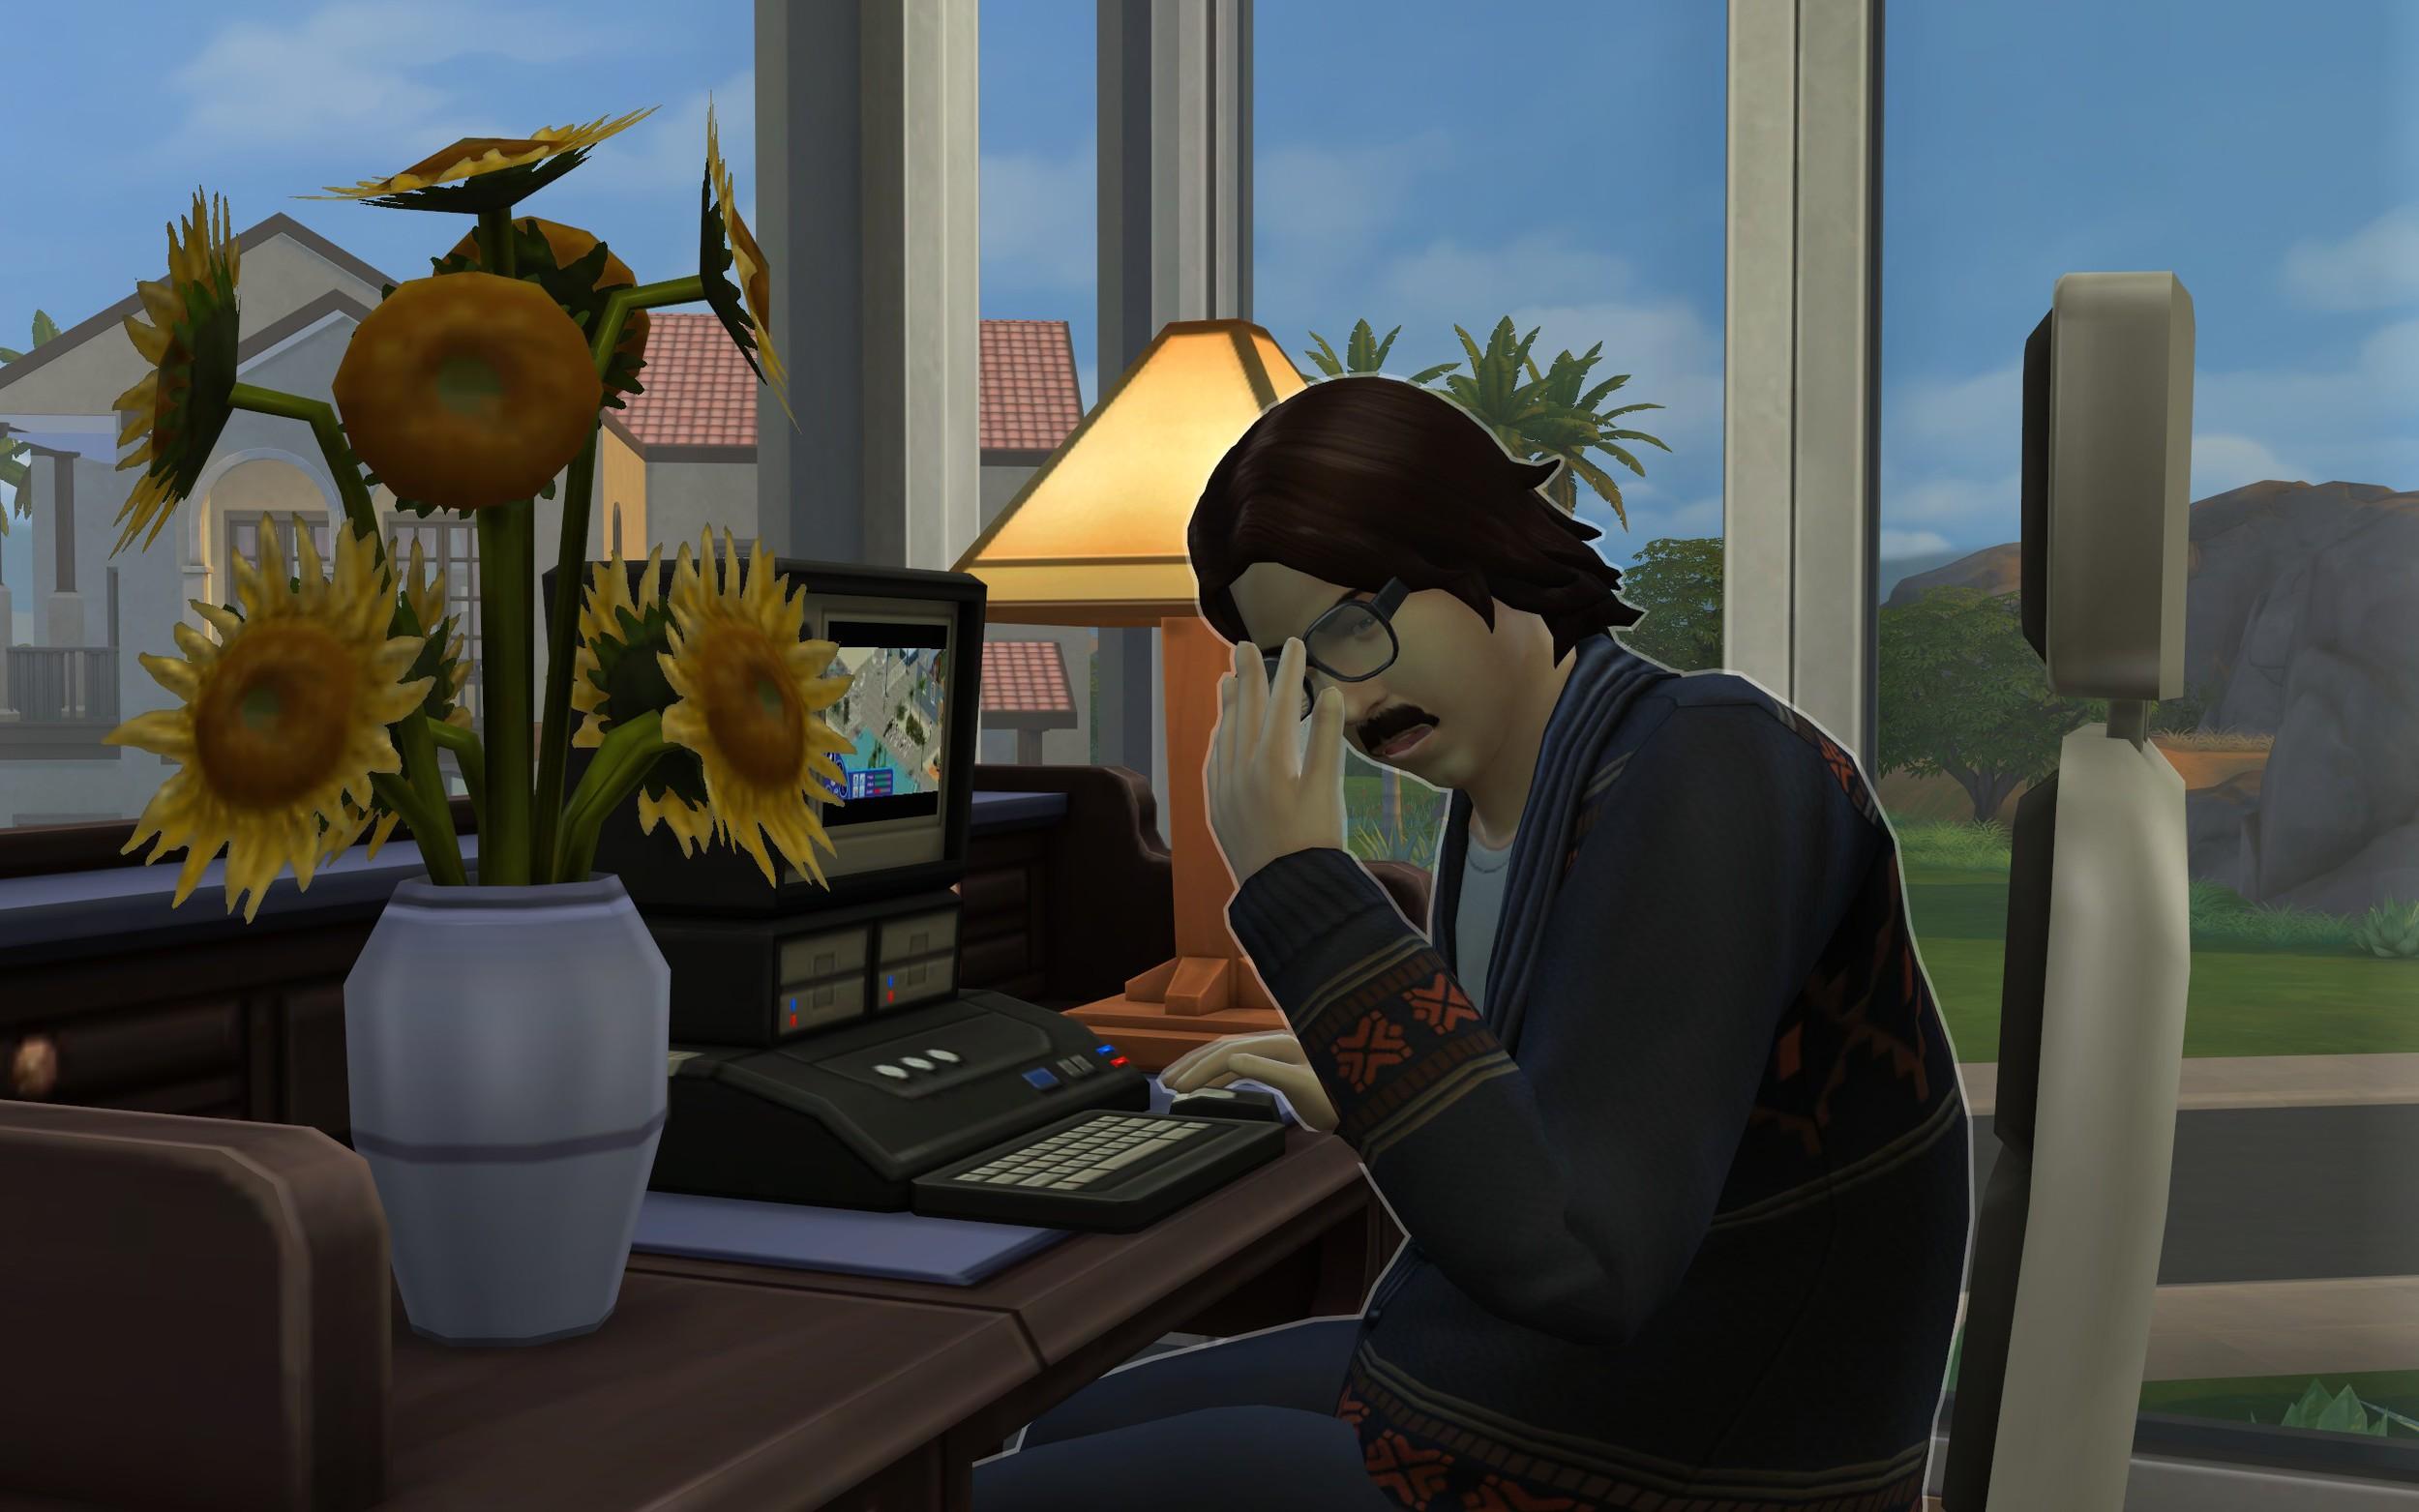 The Sims 4  (2014): Oh, poor Nietzsche.